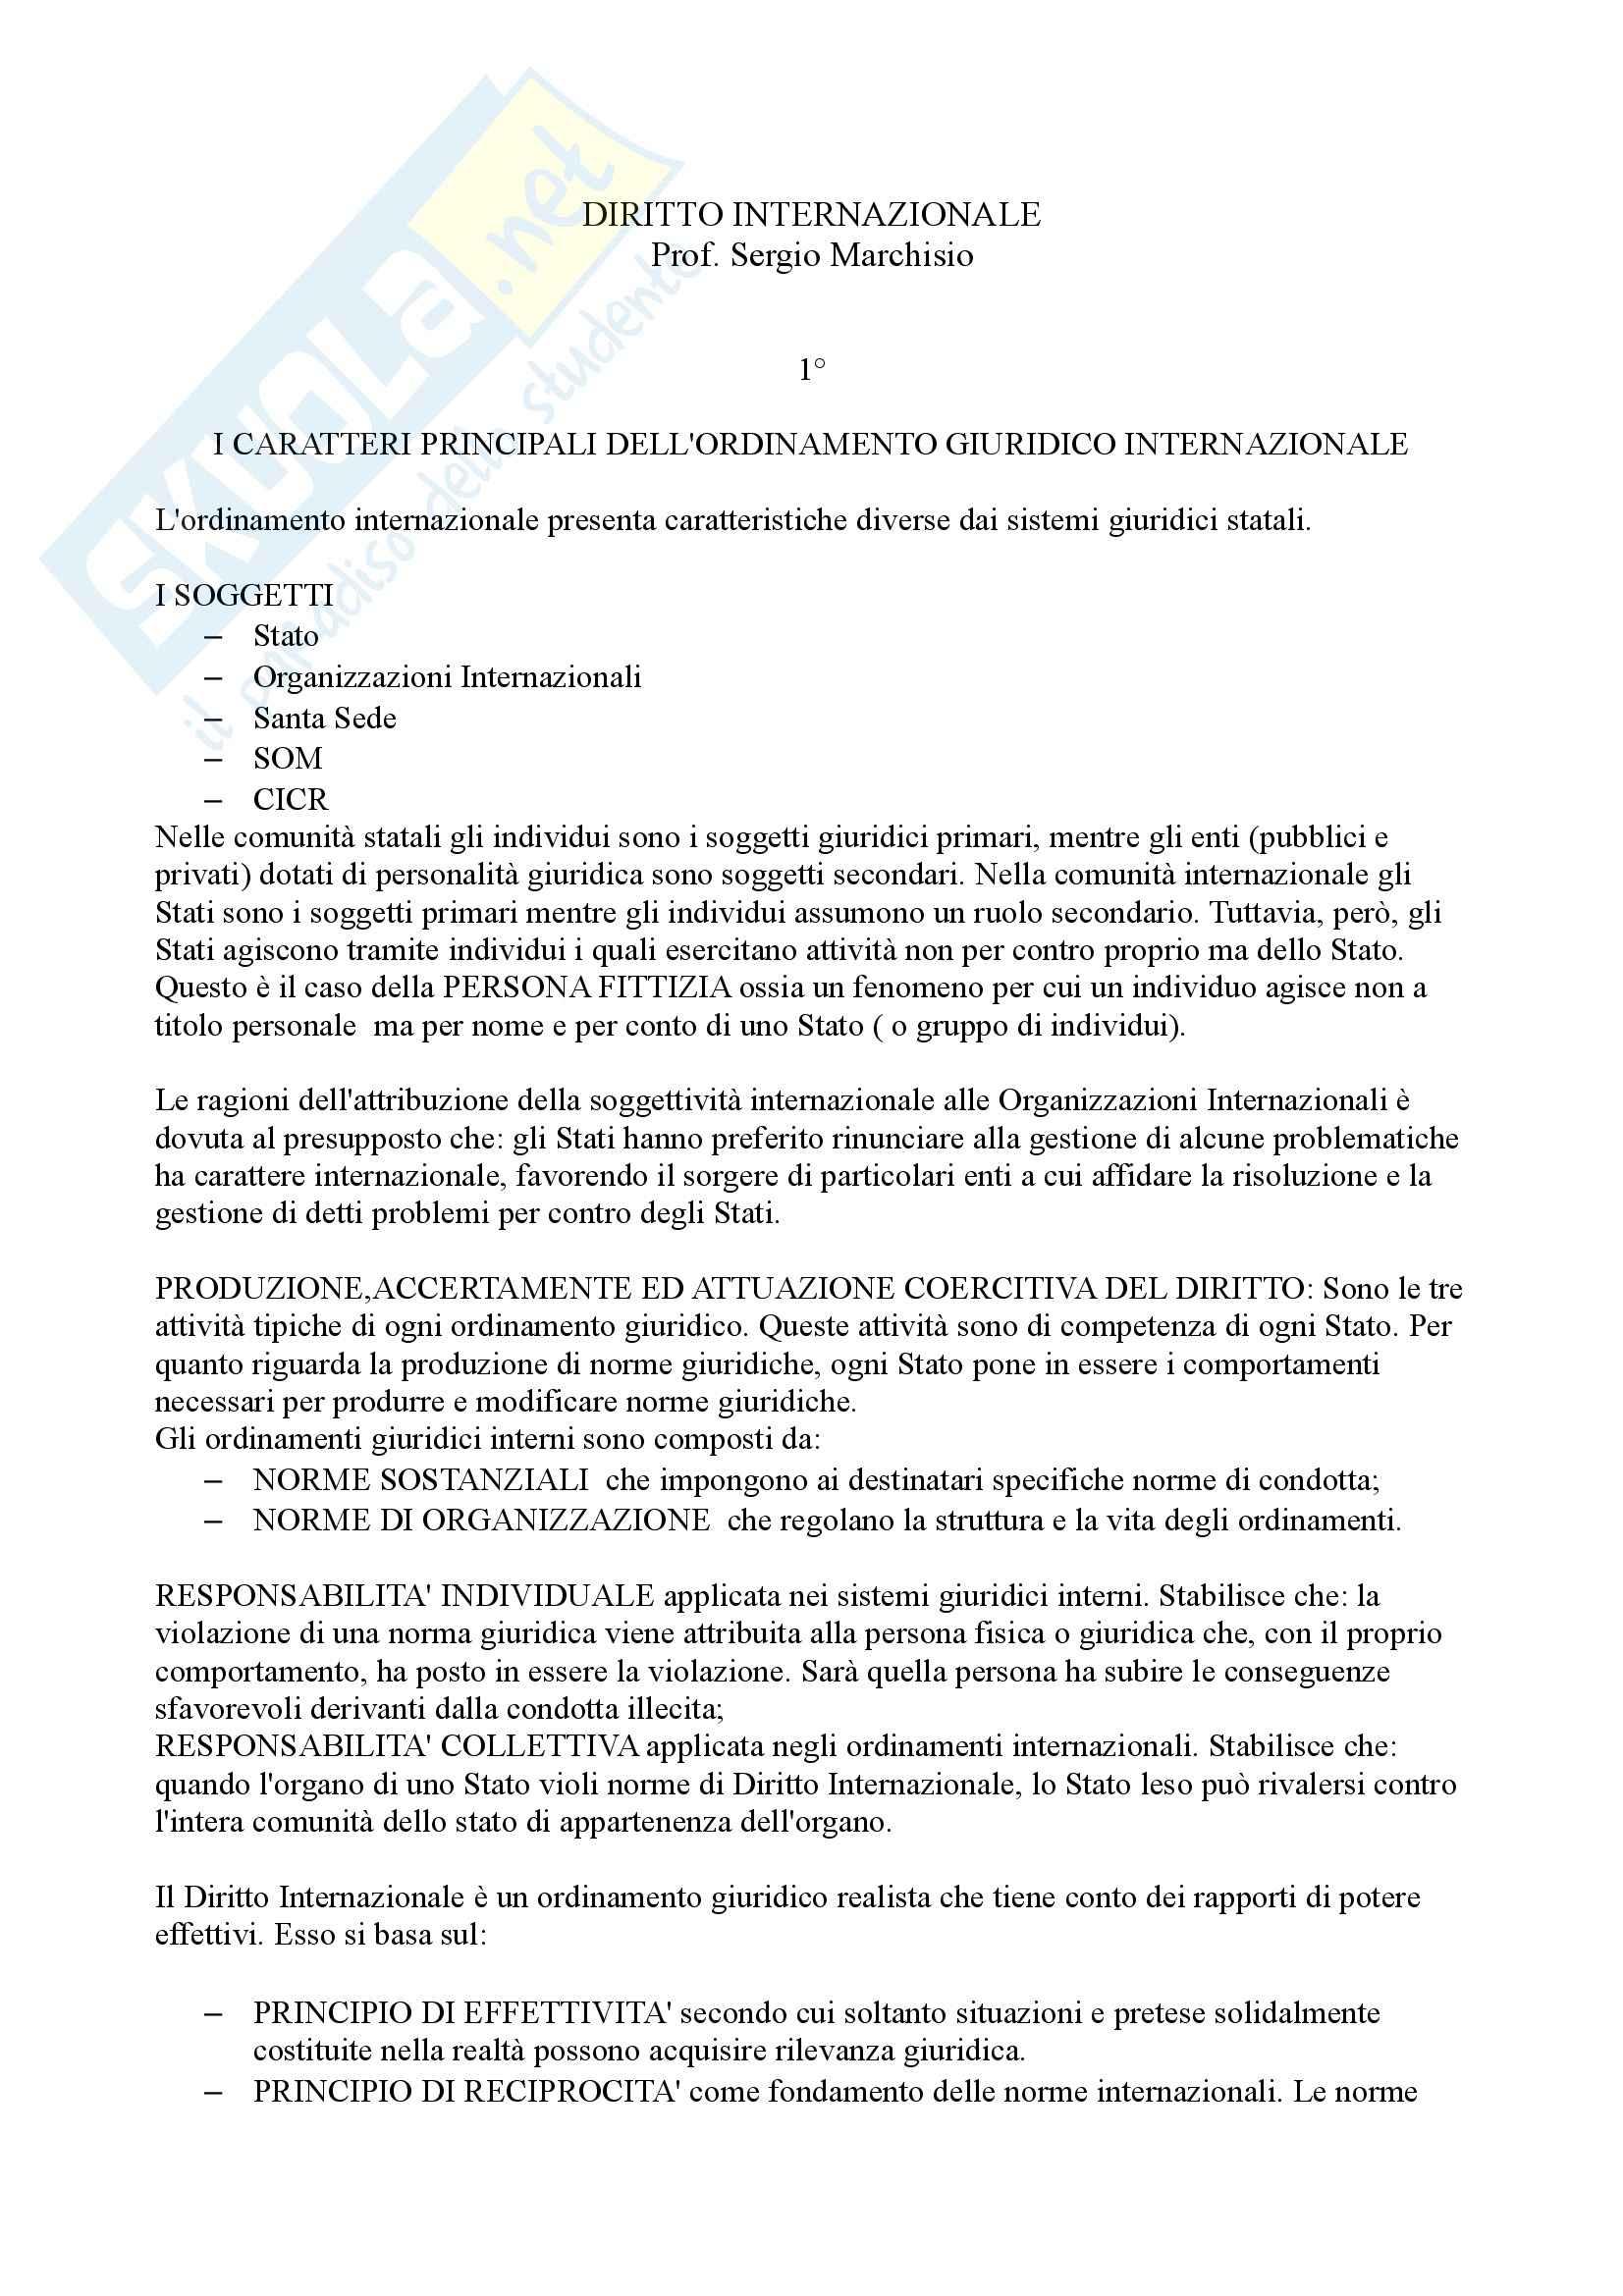 Riassunto esame diritto internazionale, prof. Marchisio